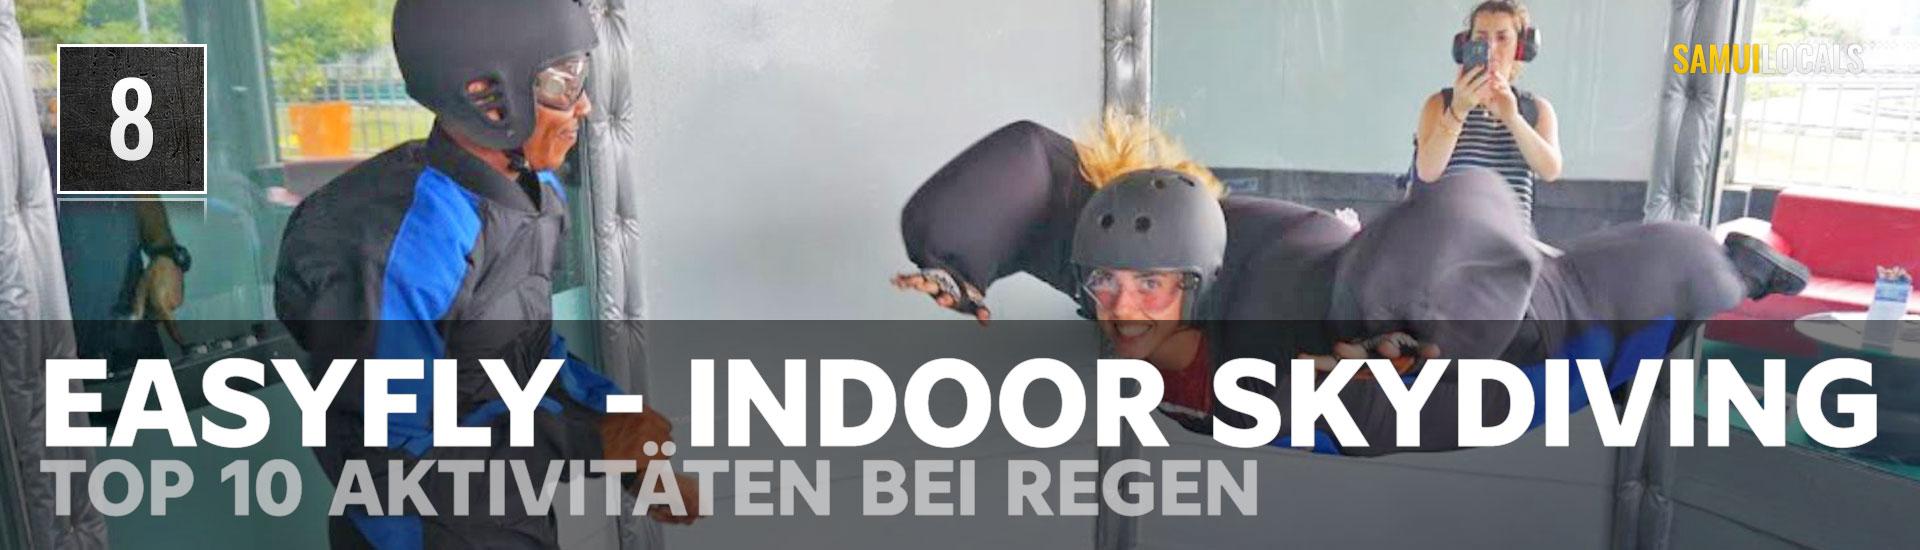 top_10_aktivitaeten_bei_regen_easyfly_indoor_skydiving